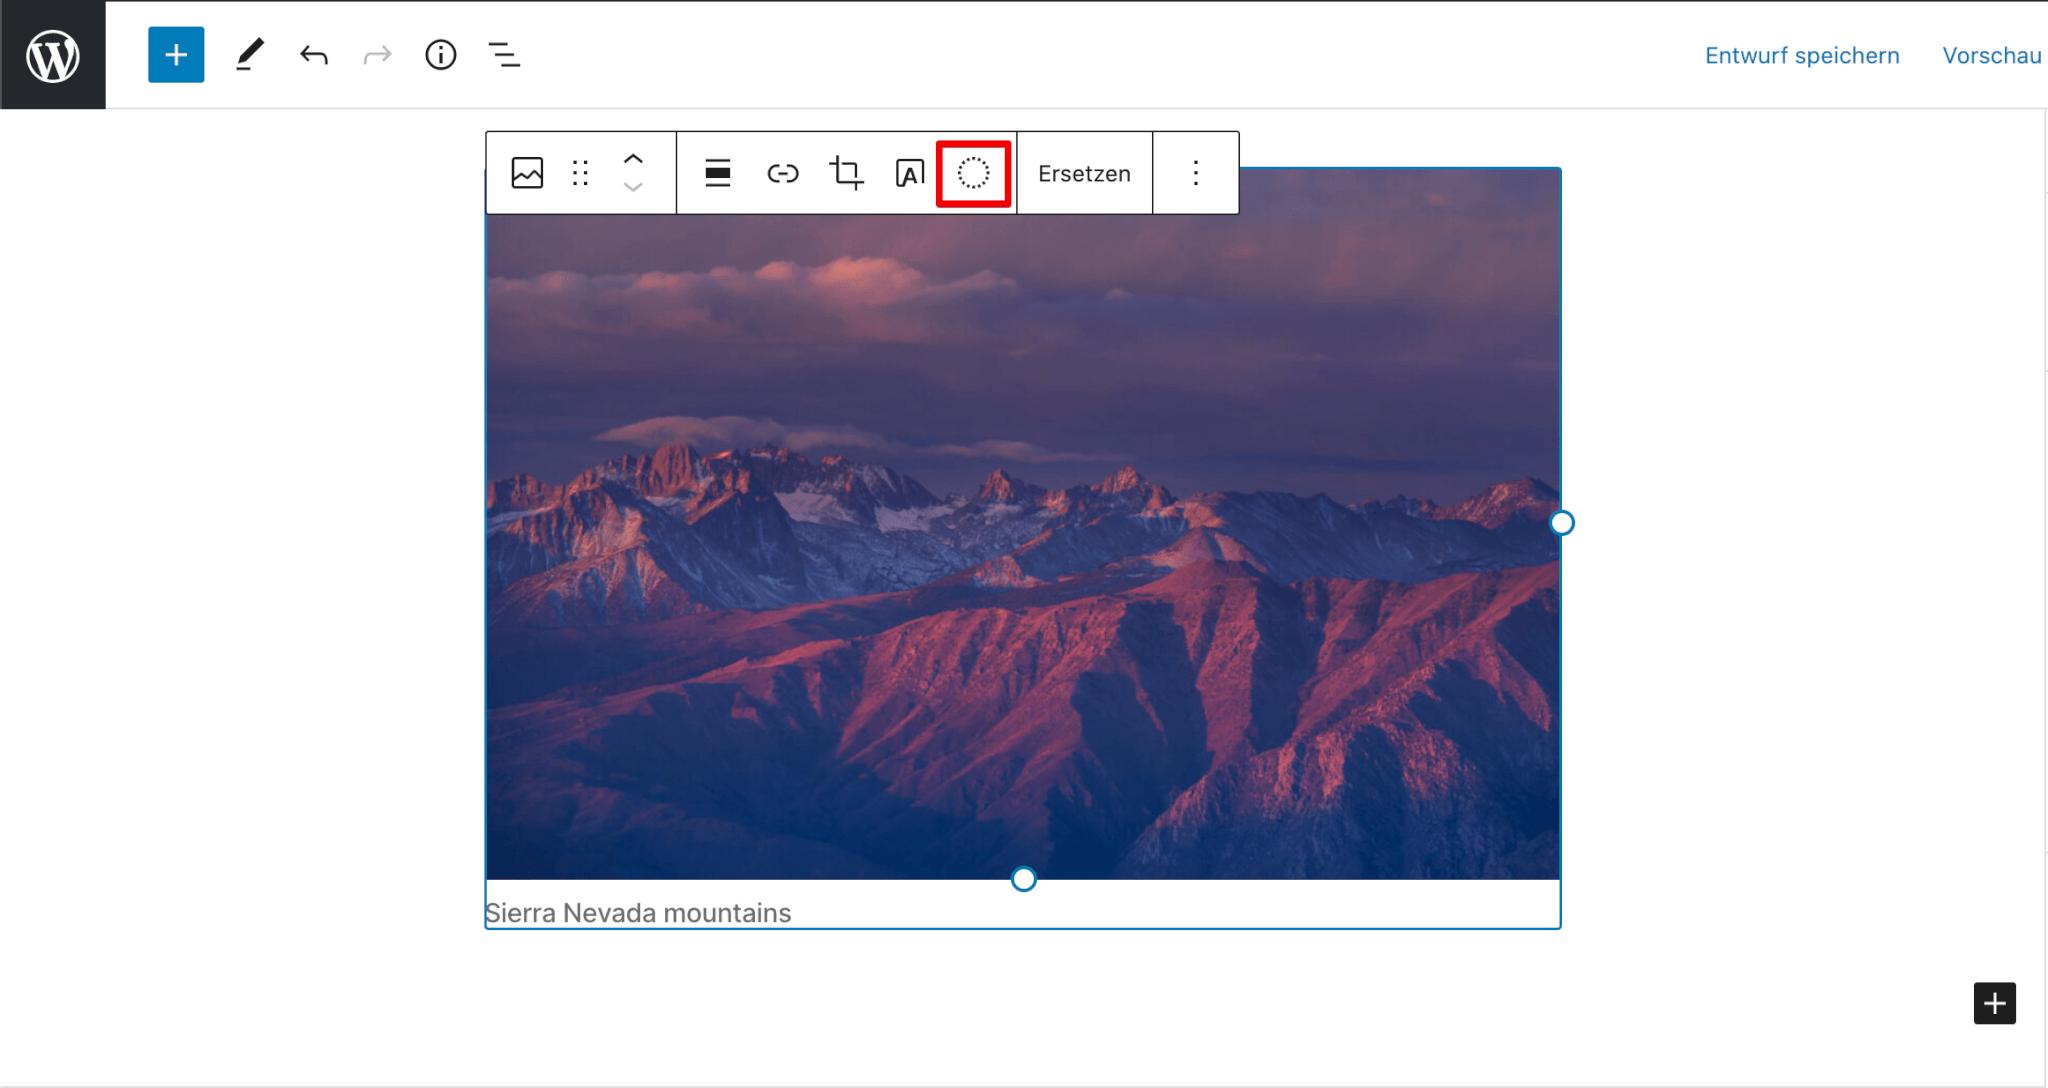 Duotone Filter für Fotos in WordPress 5.8